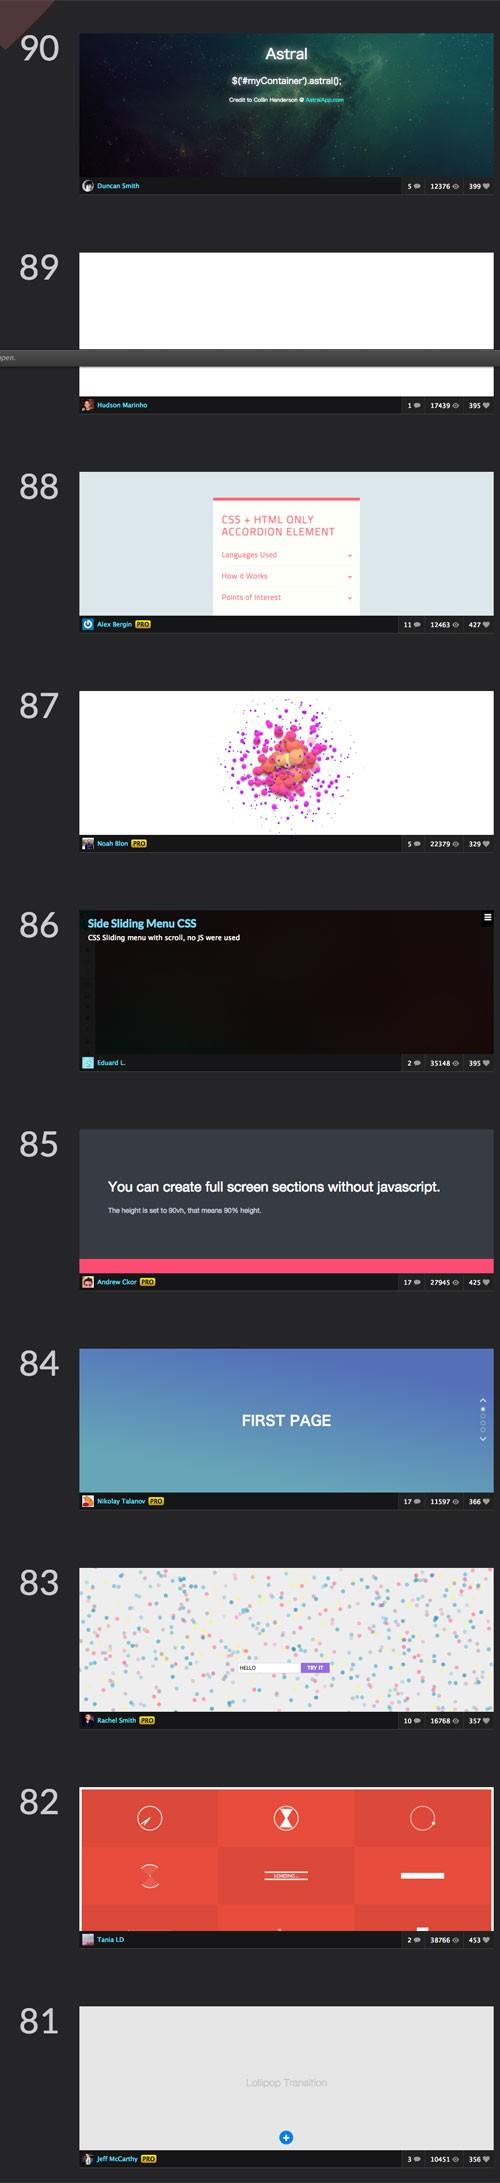 1歩先へ!HTML/CSS/JSのスゴワザ・テクニック満載「Top Pens of 2014」